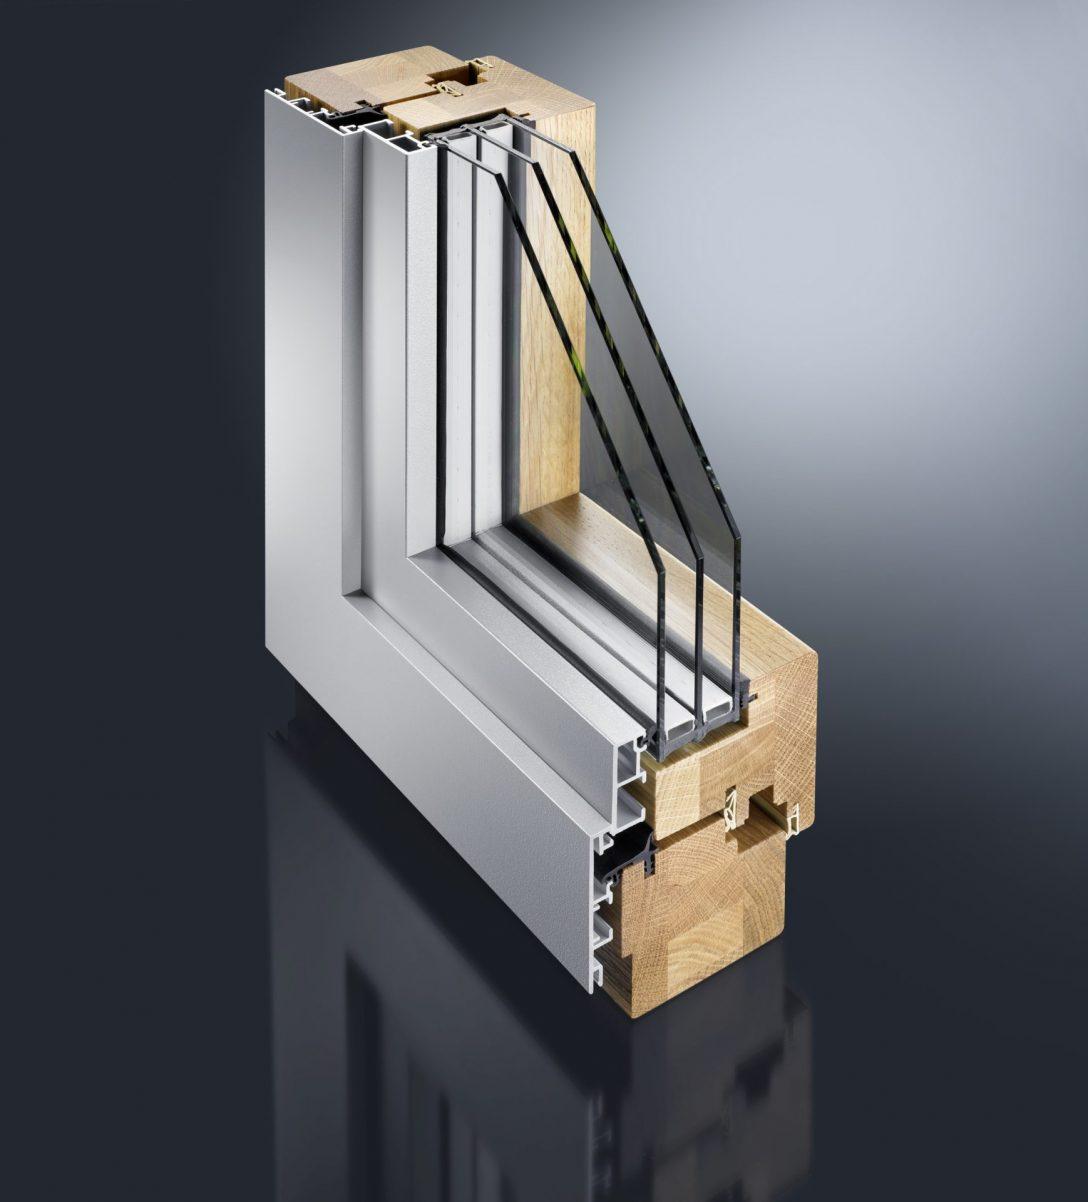 Large Size of Holz Alu Fenster Siewers Fensterbau Kosten Neue Einbau Sonnenschutz Für Auf Maß Türen Fliegennetz Weihnachtsbeleuchtung Jalousien Innen Aluminium Fenster Alu Fenster